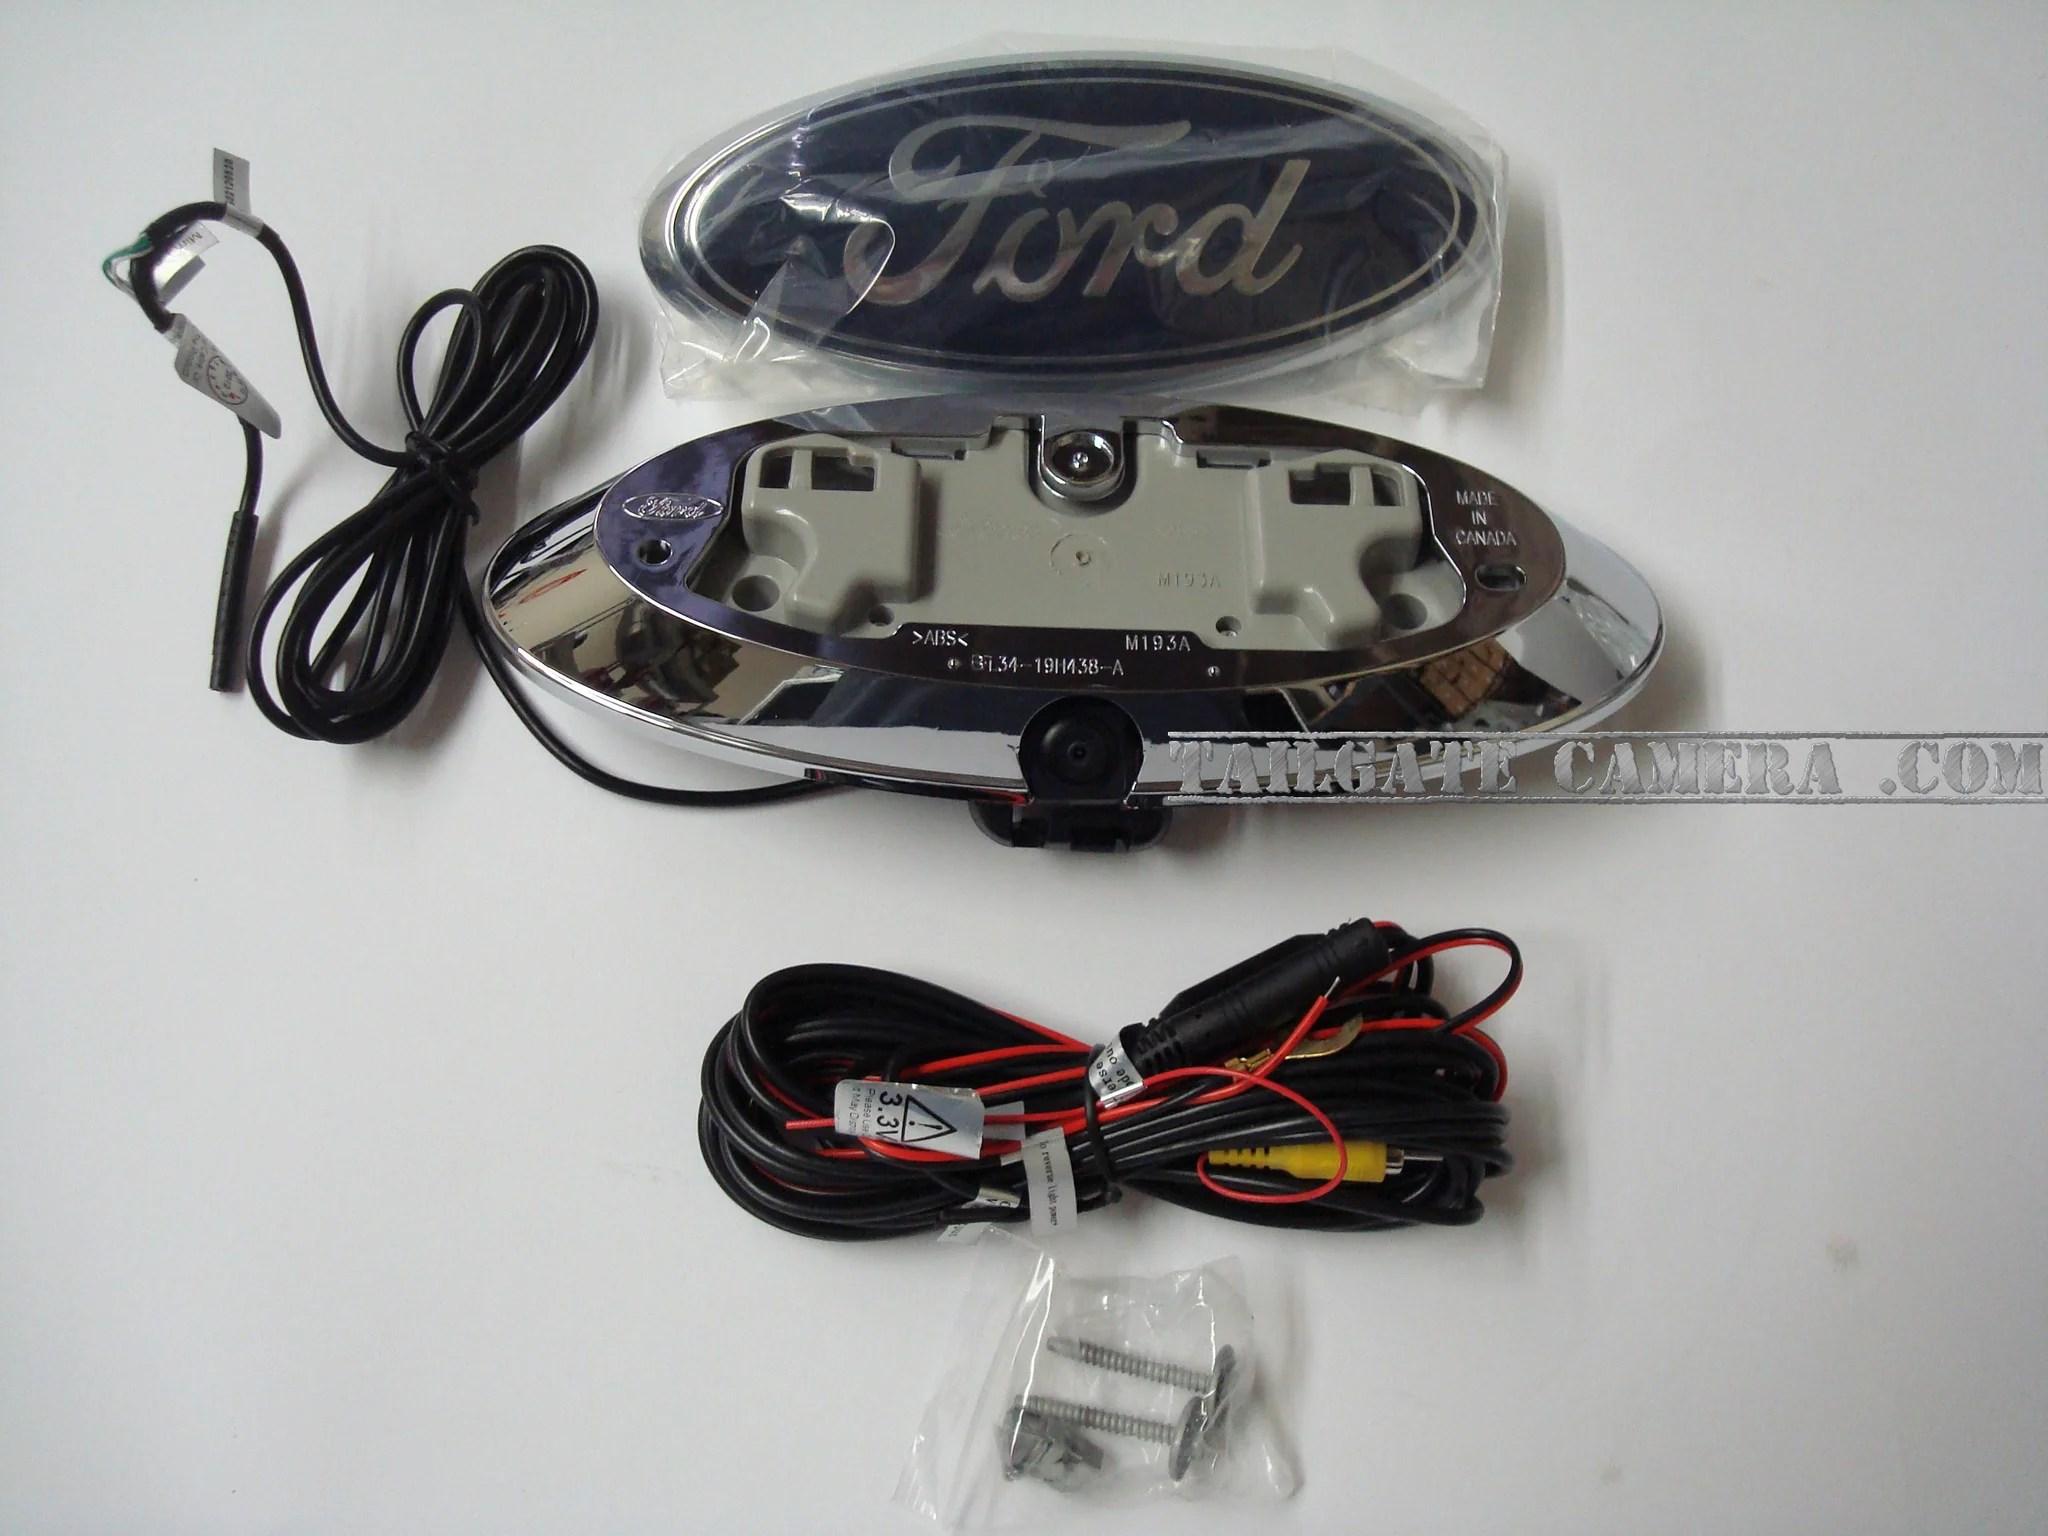 medium resolution of ford f series truck emblem camera